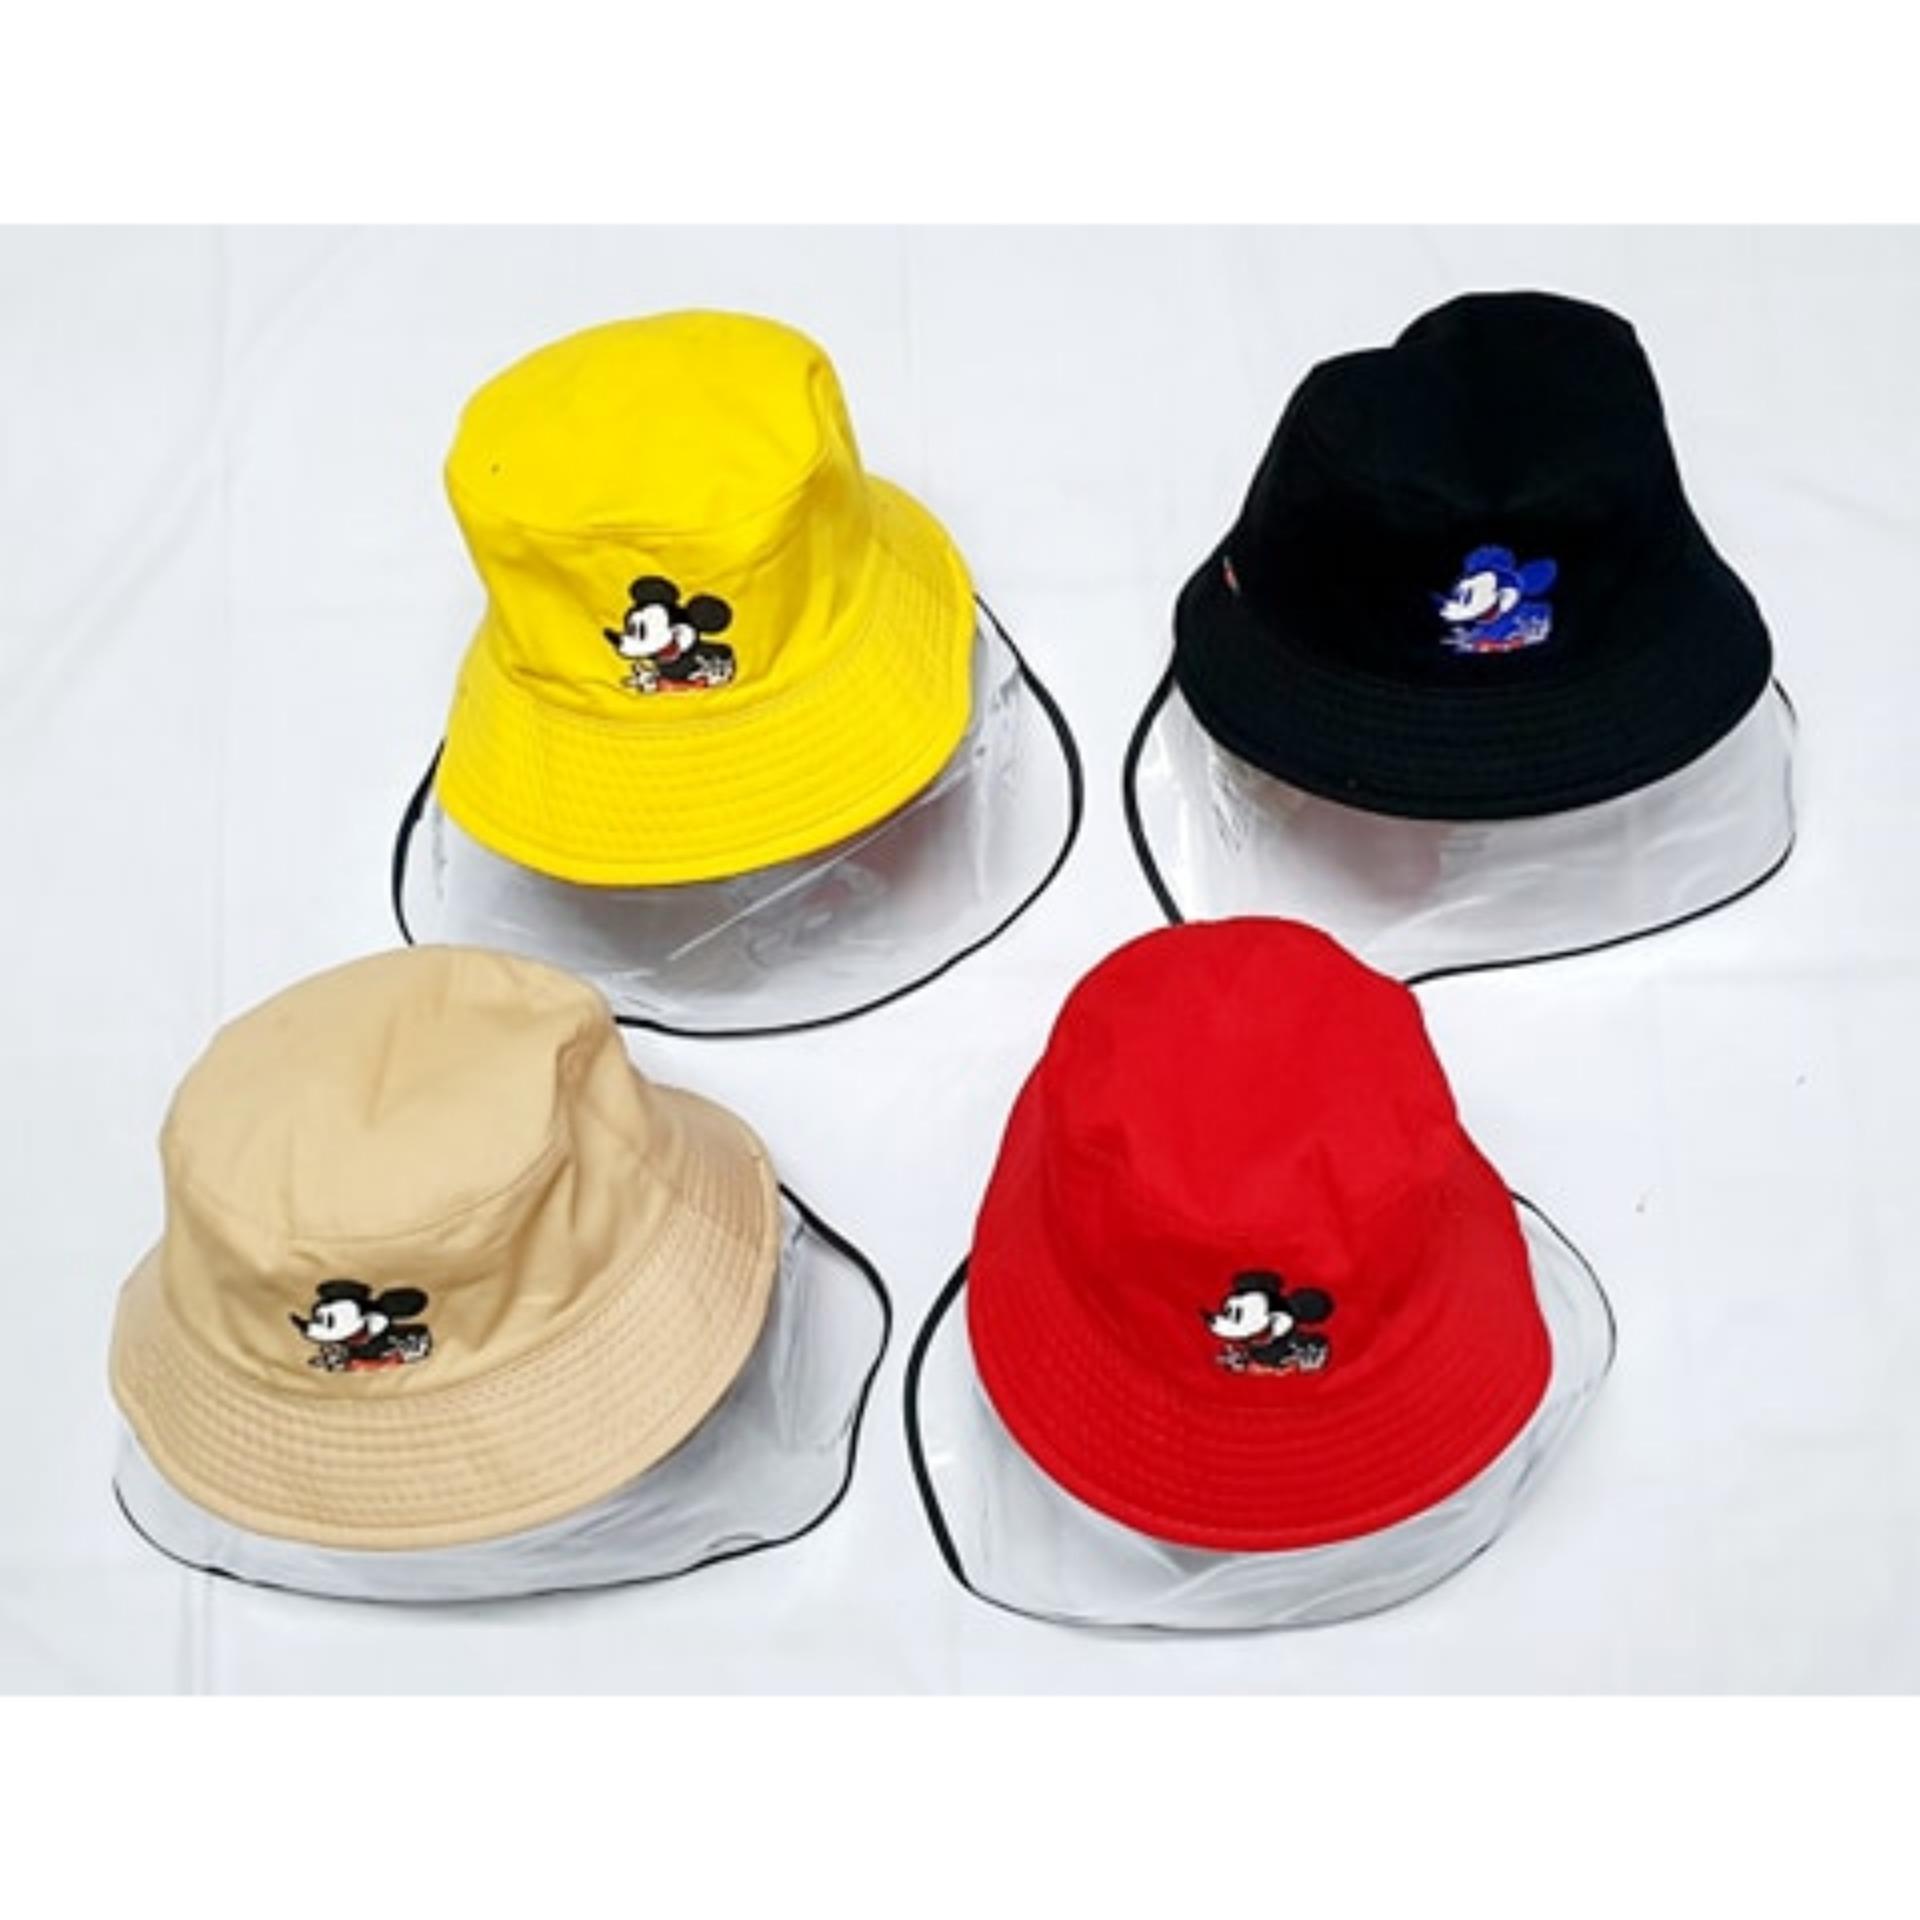 Giá bán Mũ cho bé chống khói bụi có màn che nhựa an toàn